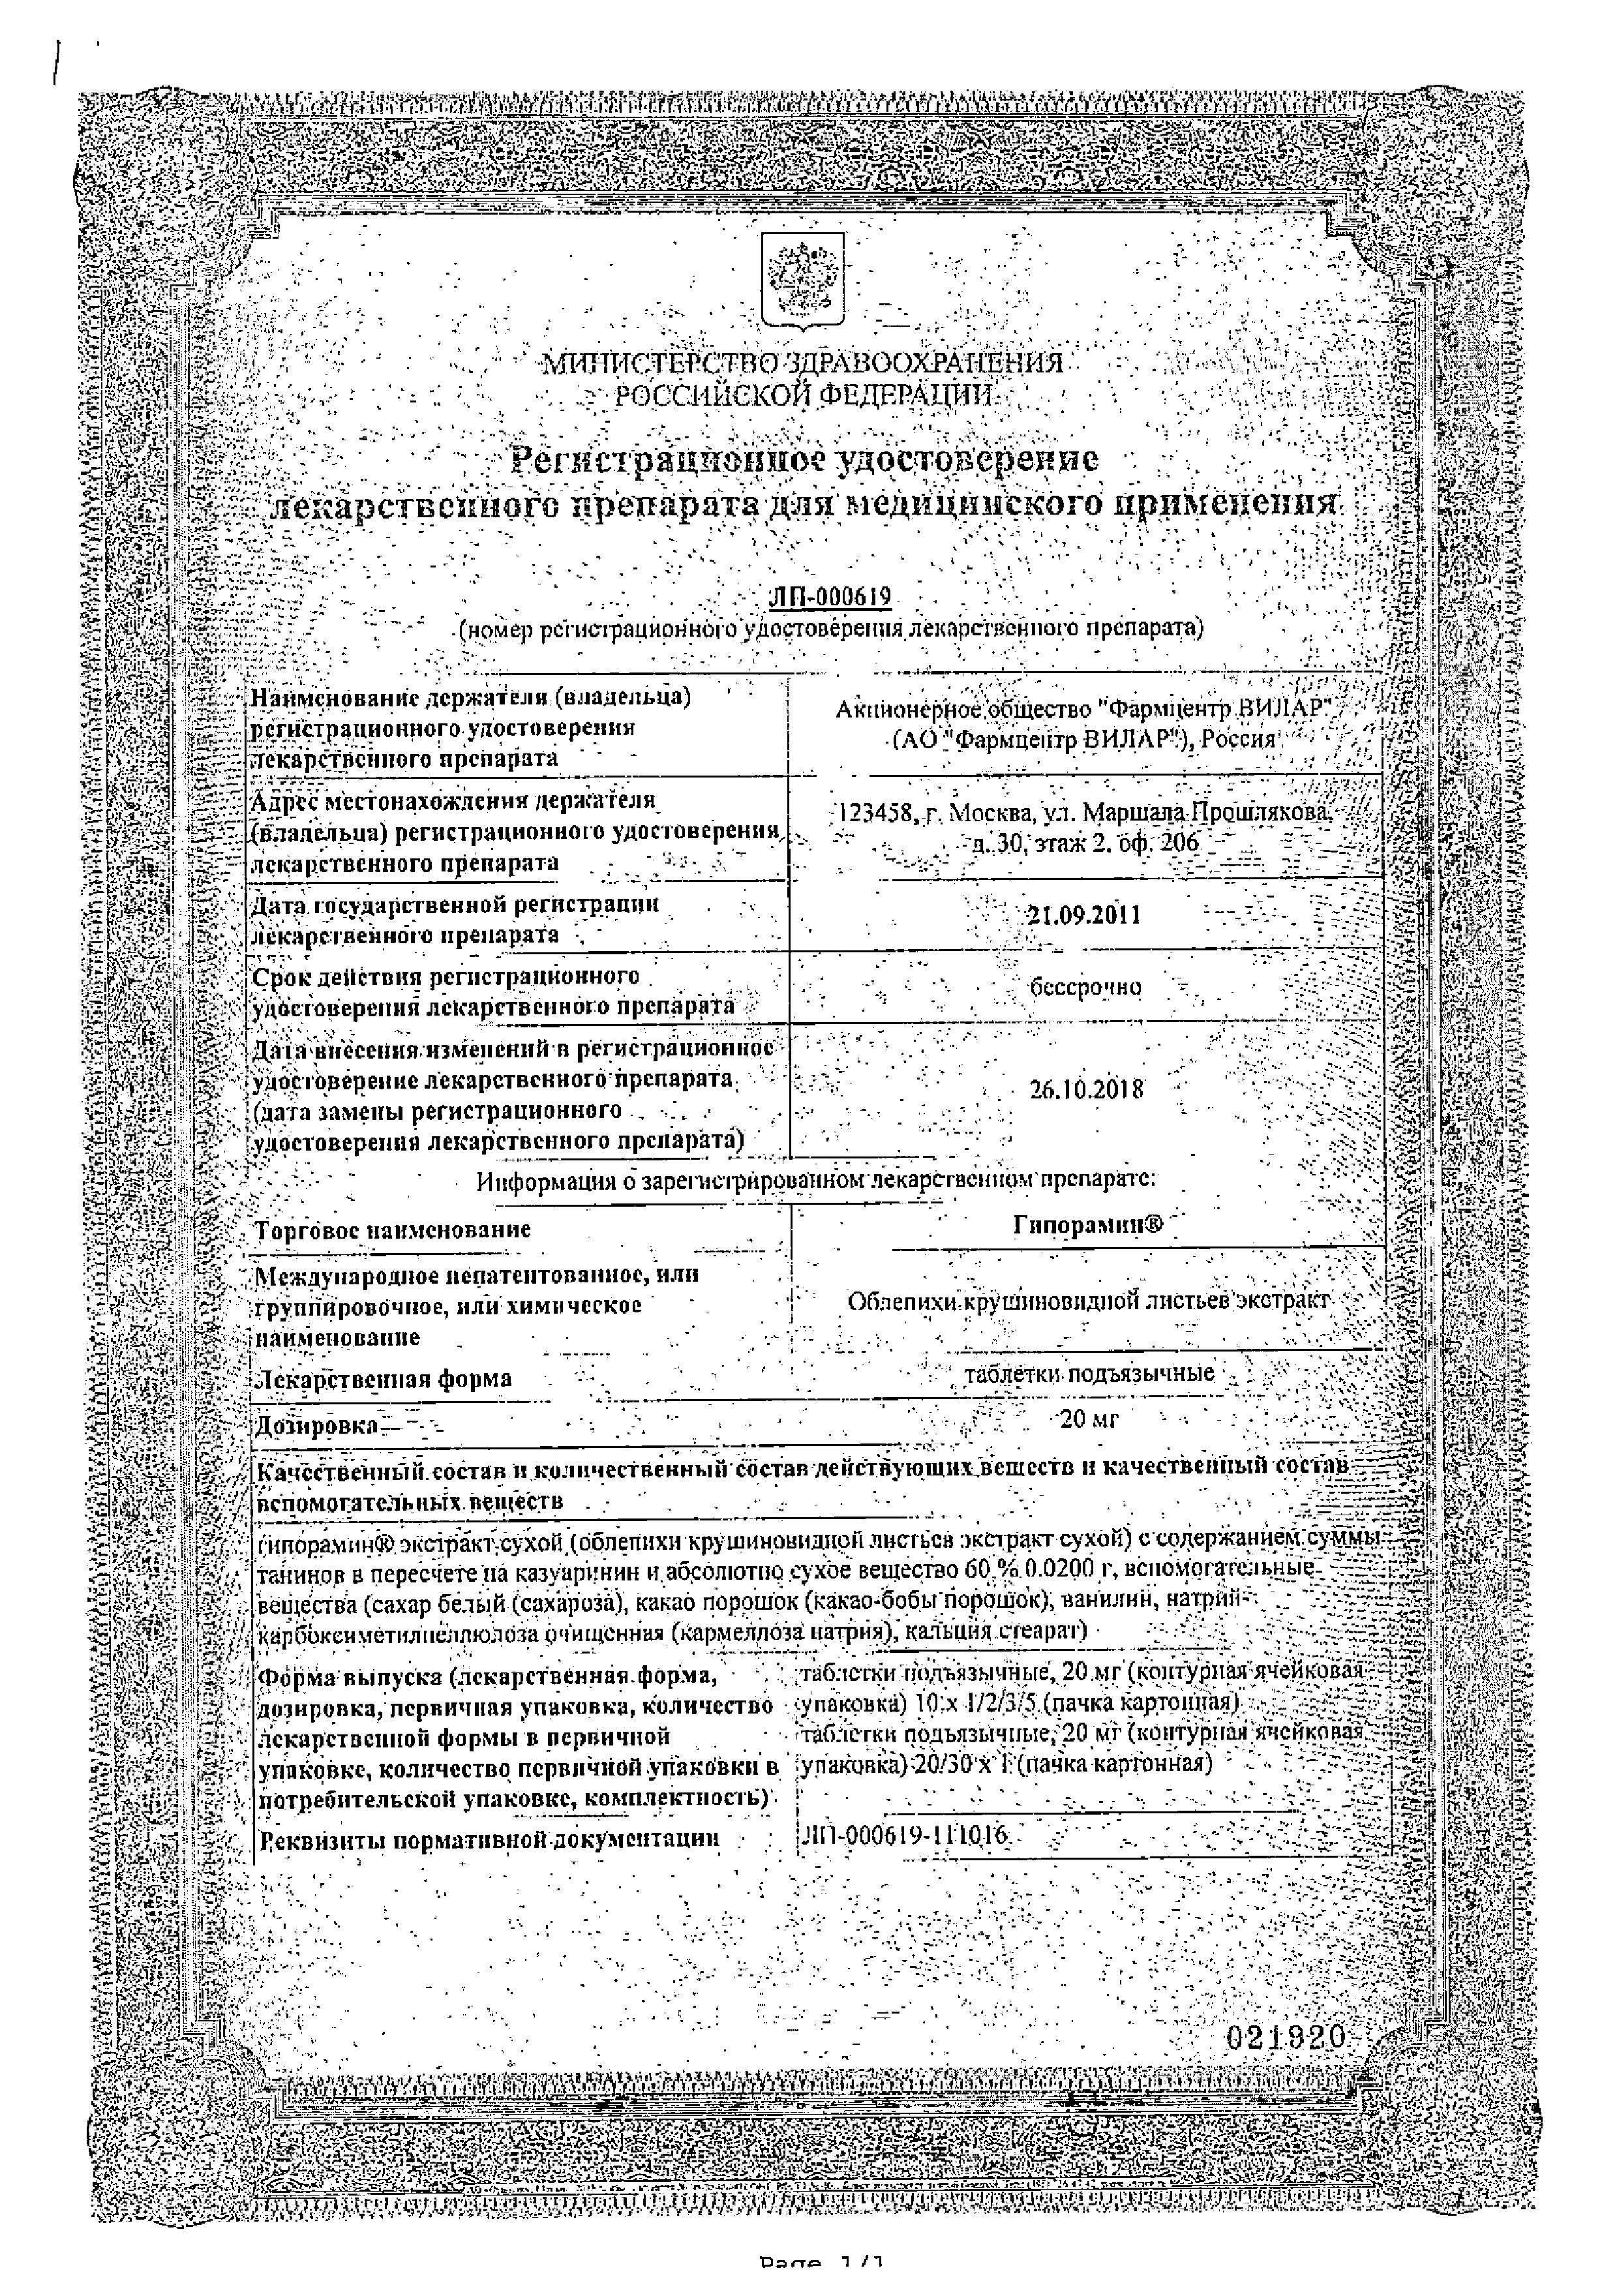 Гипорамин сертификат